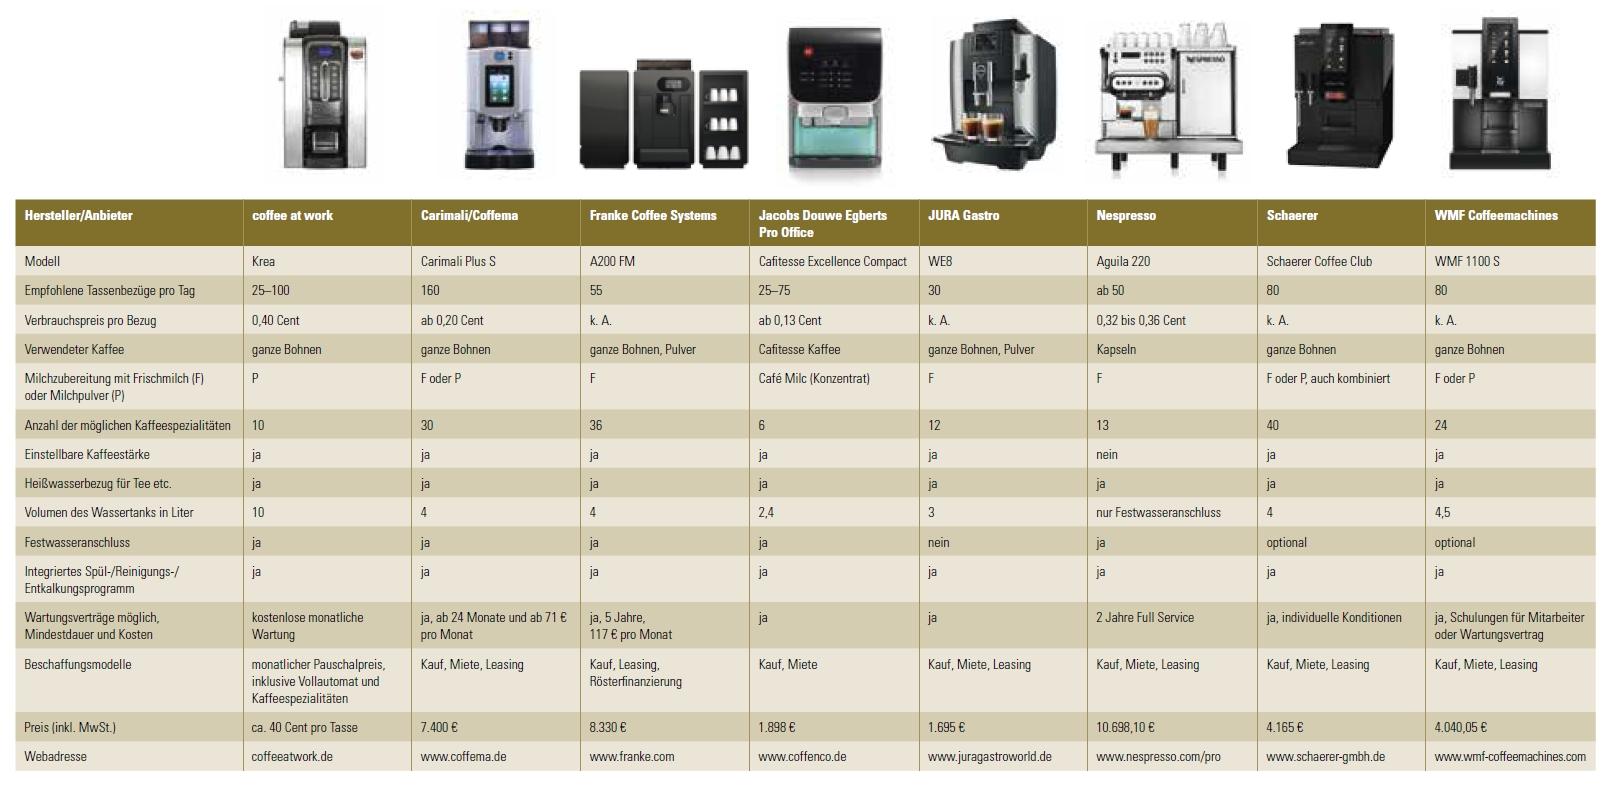 Marktübersicht über Kaffeevollautomaten für Unternehmen mit zehn bis zwölf Mitarbeitern.